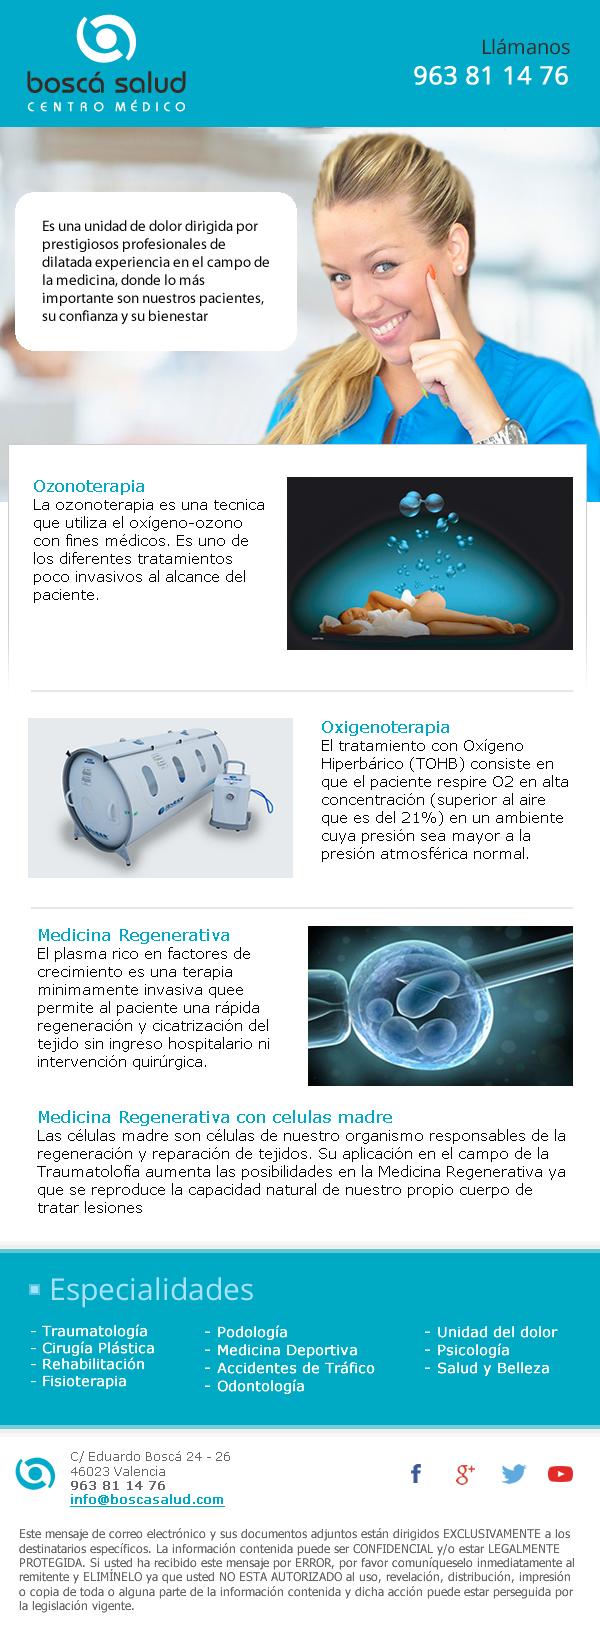 Diseño de newsletter para Salud